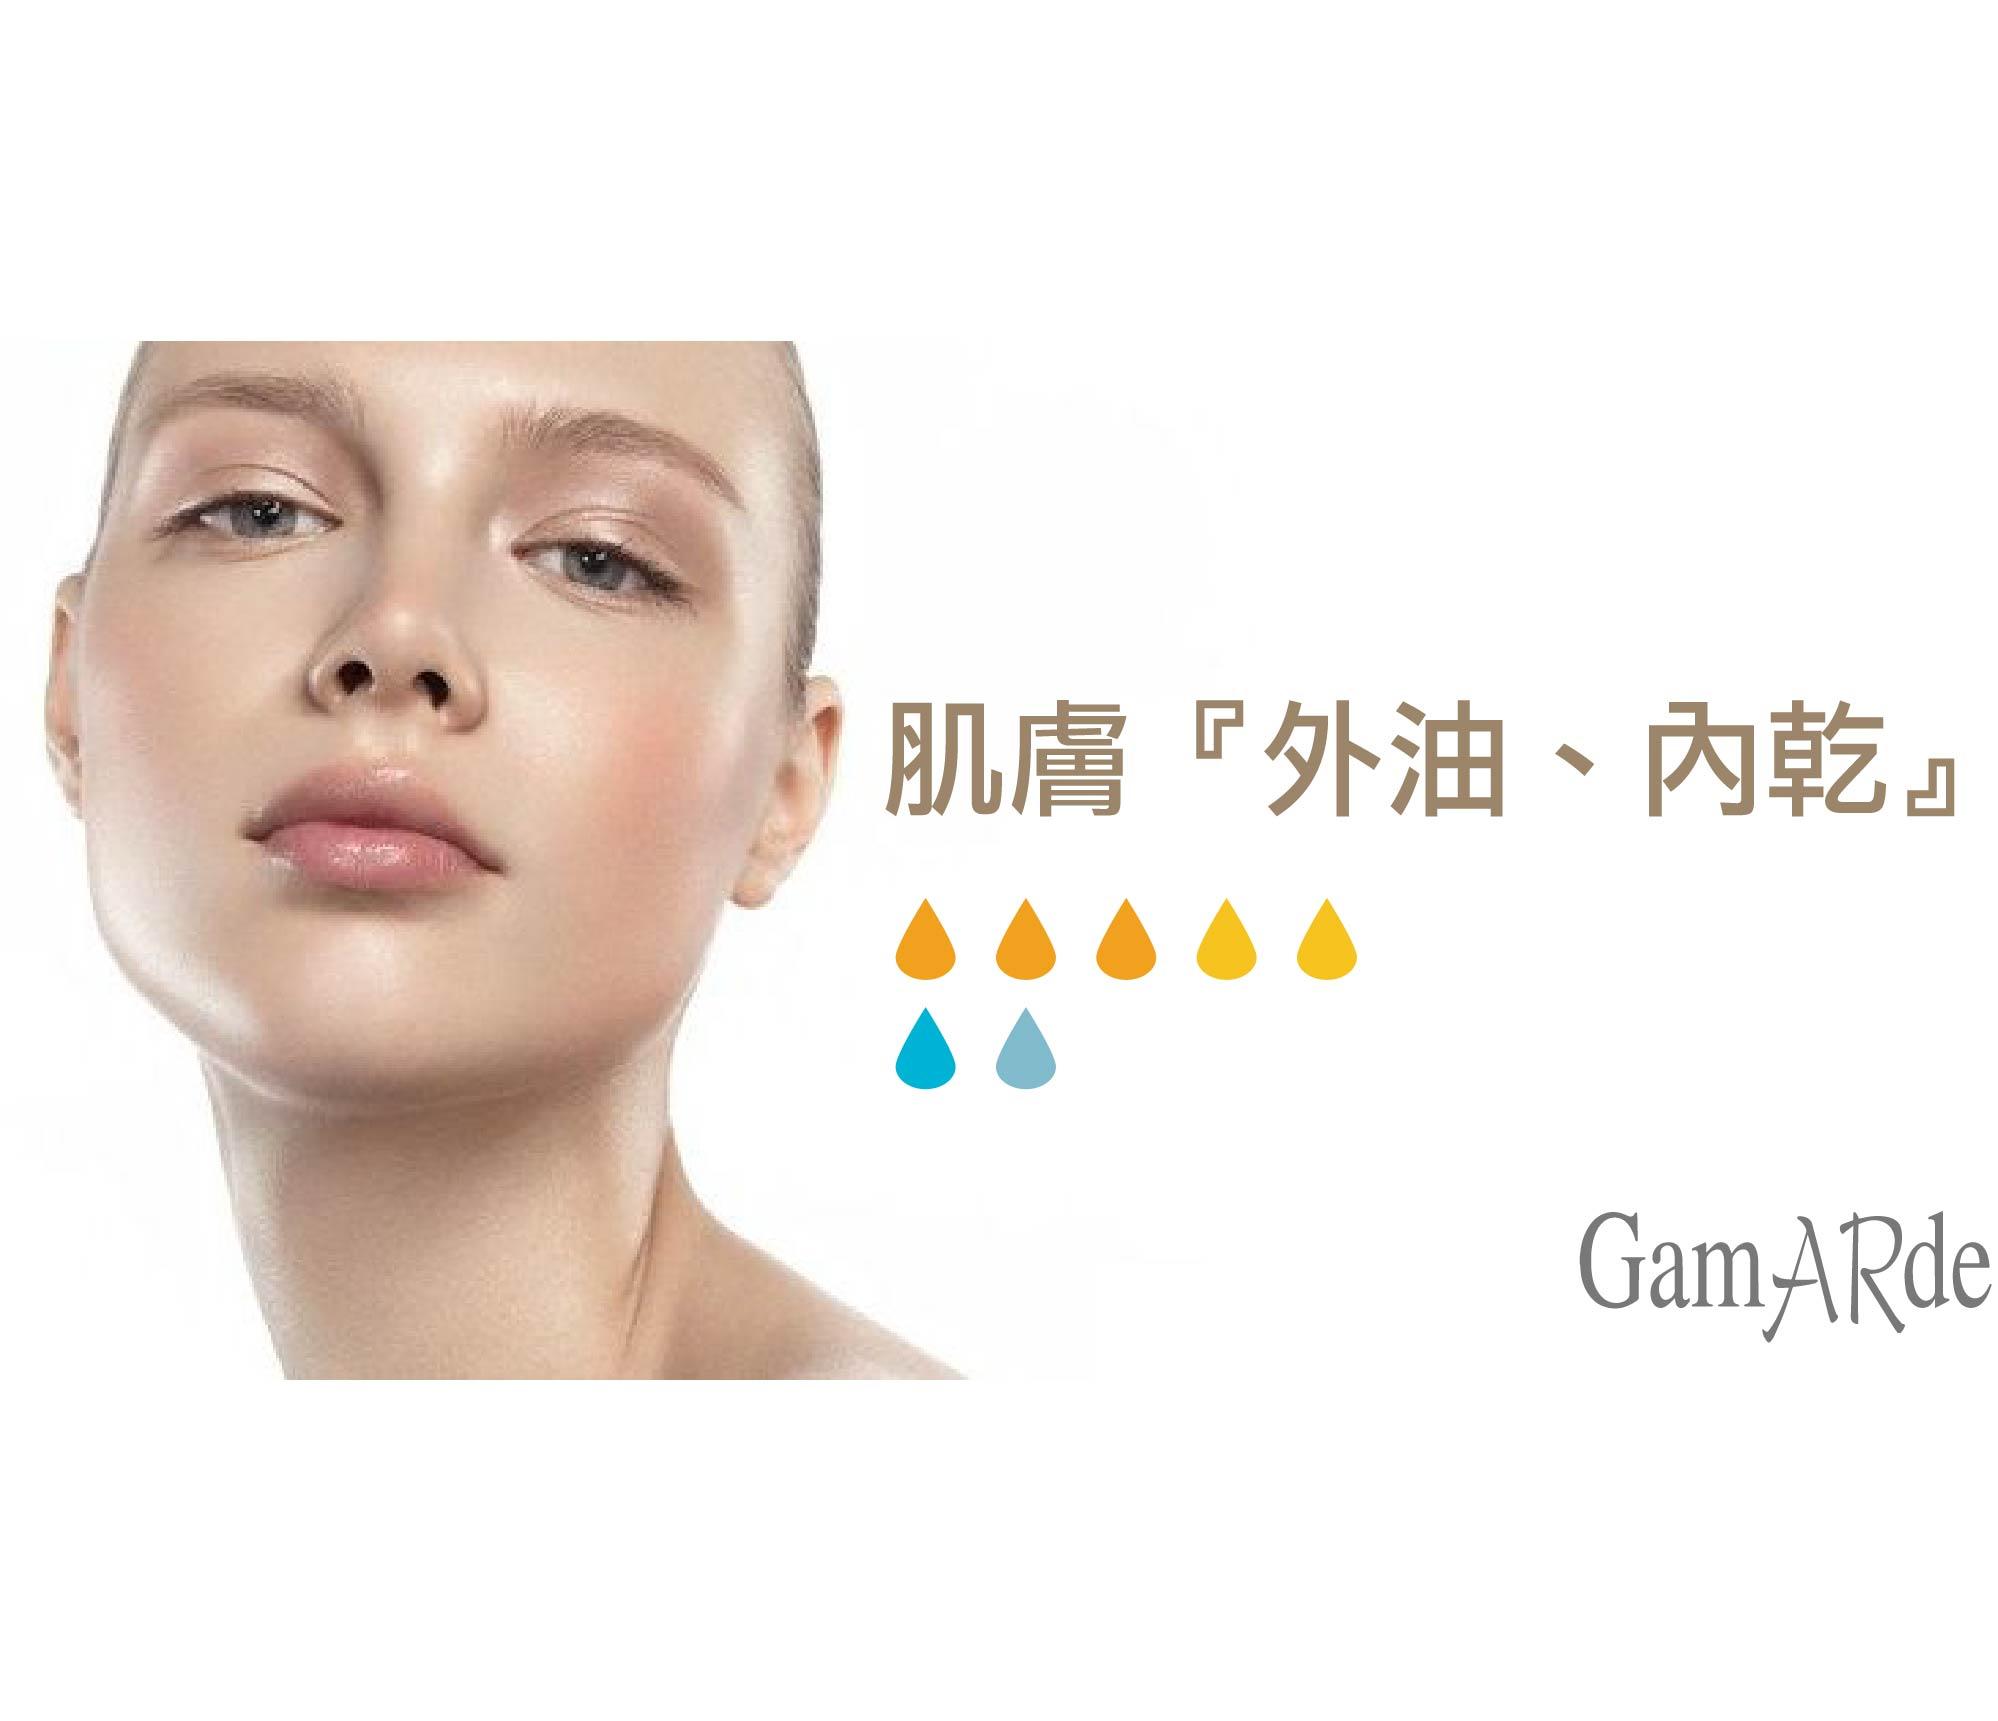 肌膚『外油、內乾』-GamARde有機保養品完美控油補水計畫